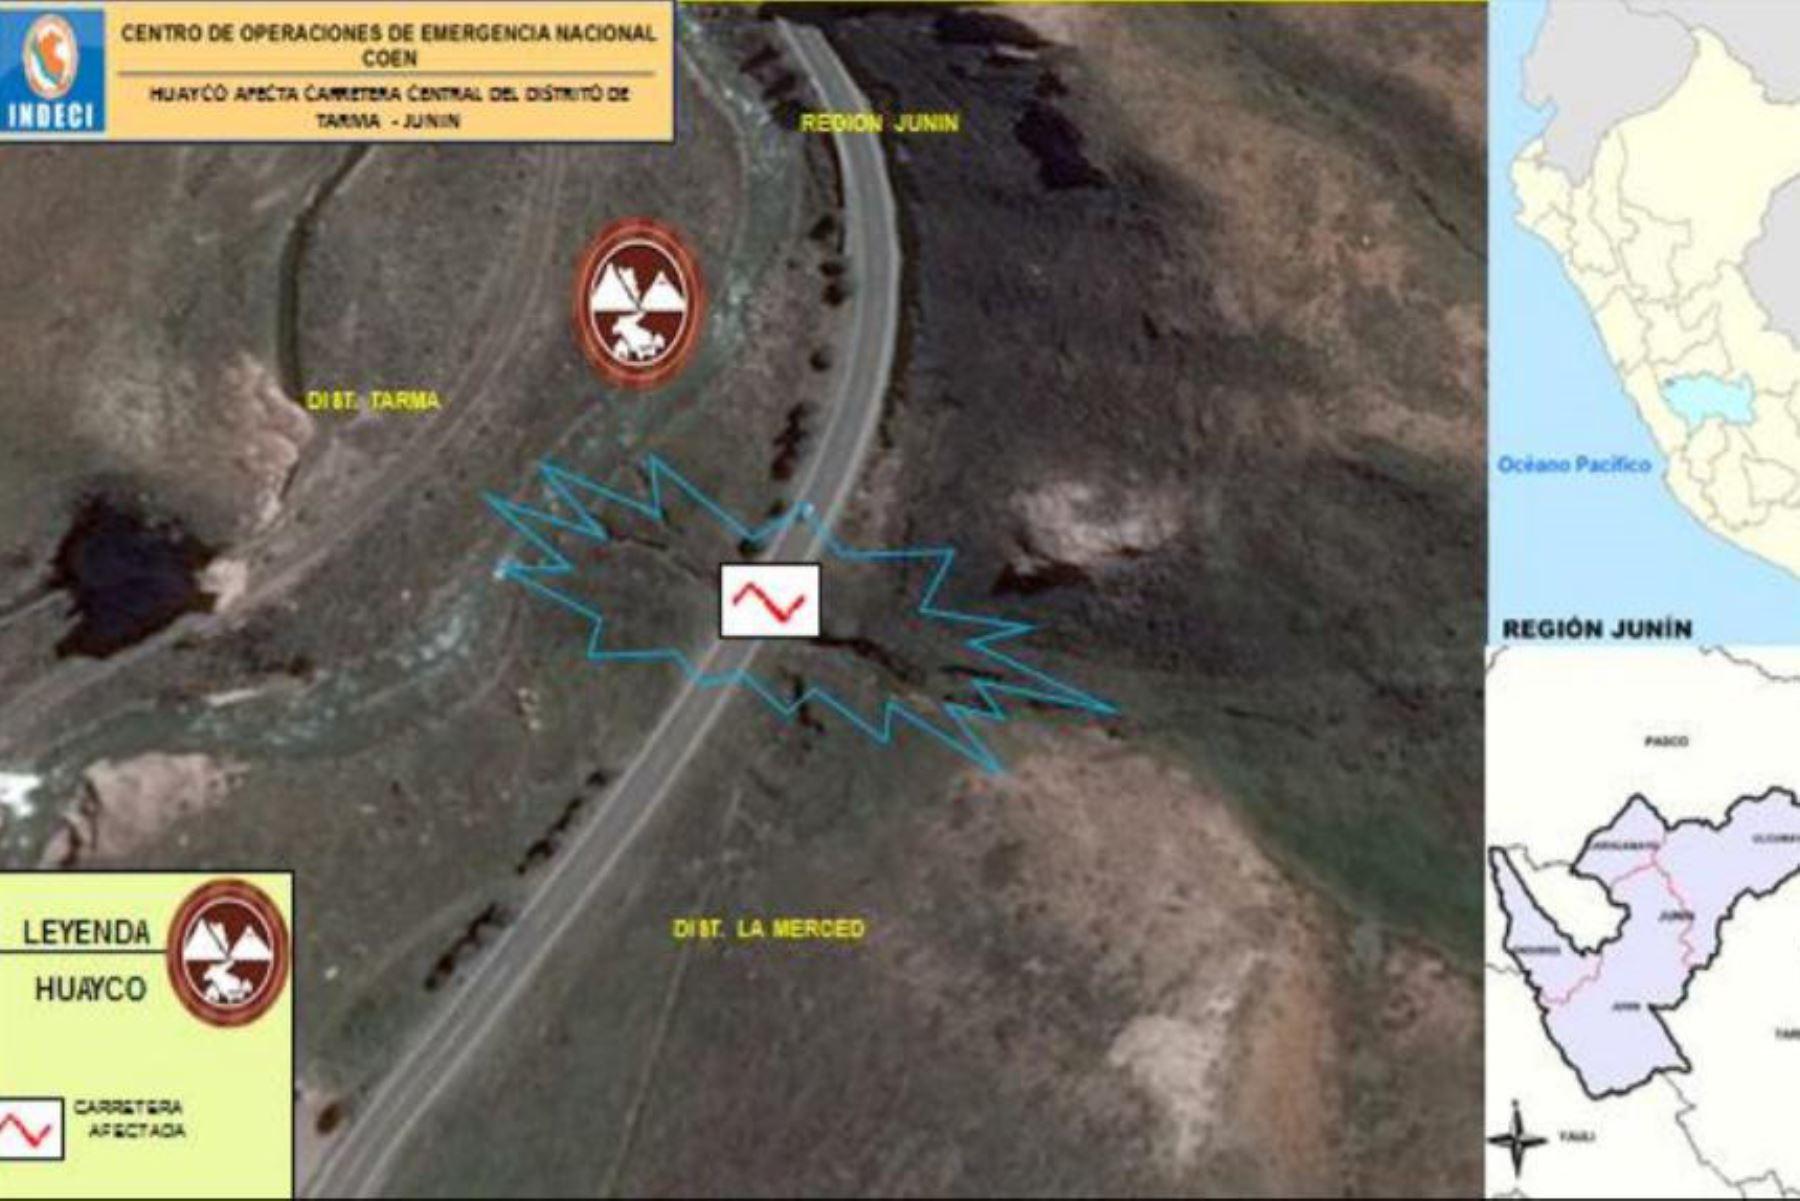 Tránsito en el kilómetro 71 de la carretera Central, tramo Tarma-La Merced, fue reabierto parcialmente hoy, informó el MTC,